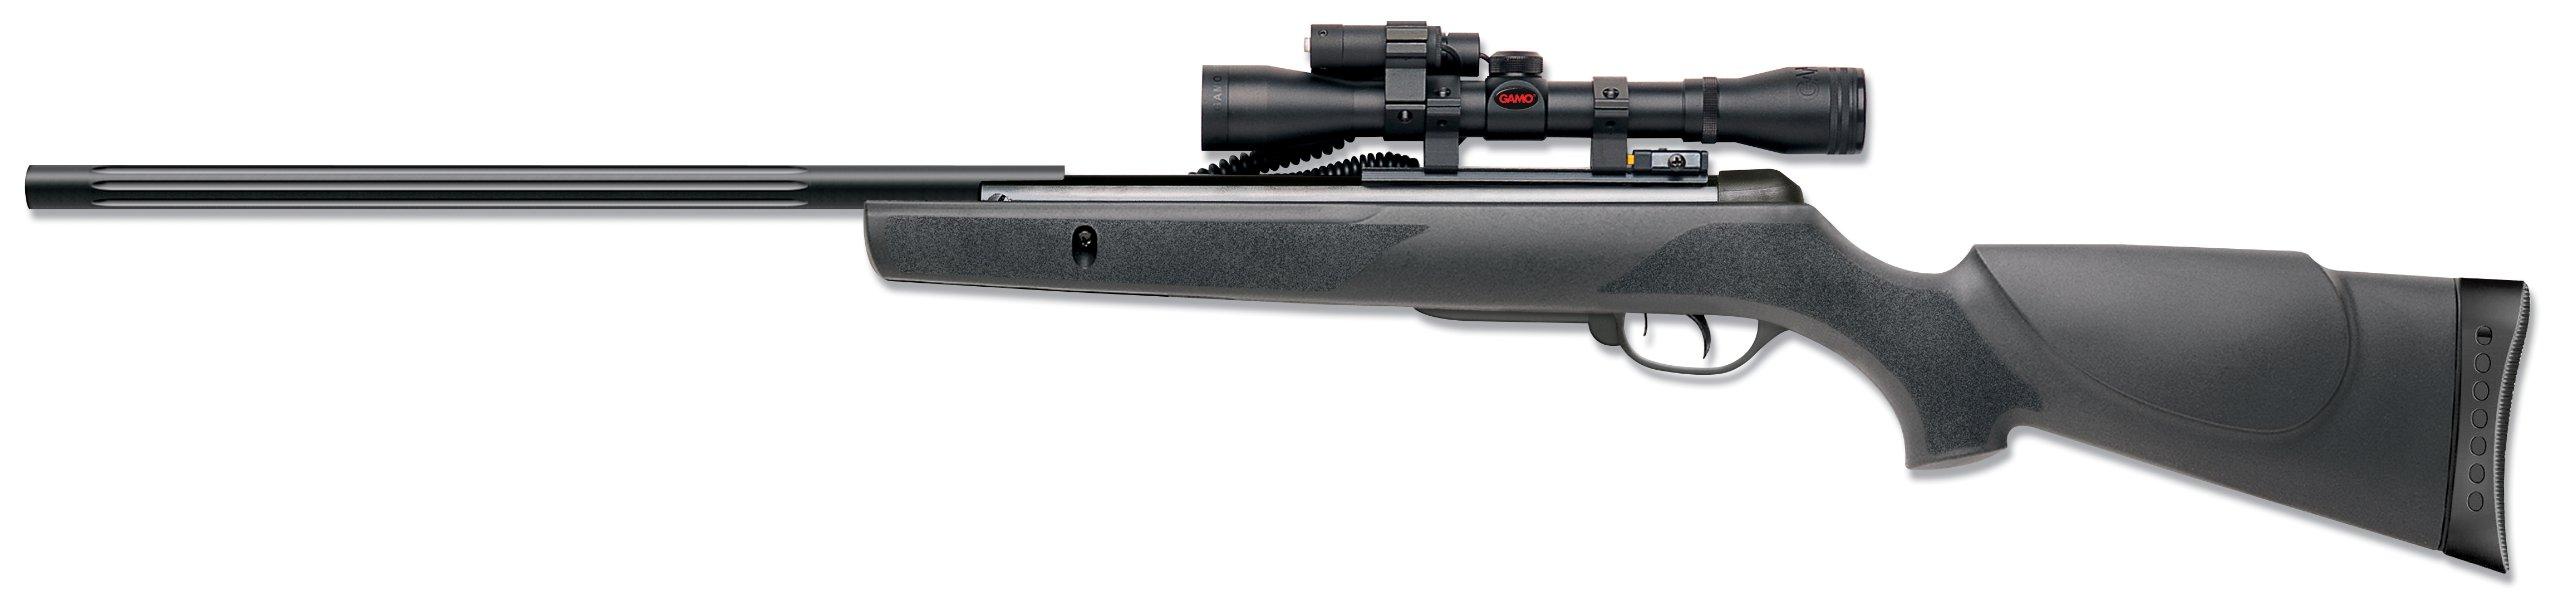 Gamo Varmint HP Air Rifle